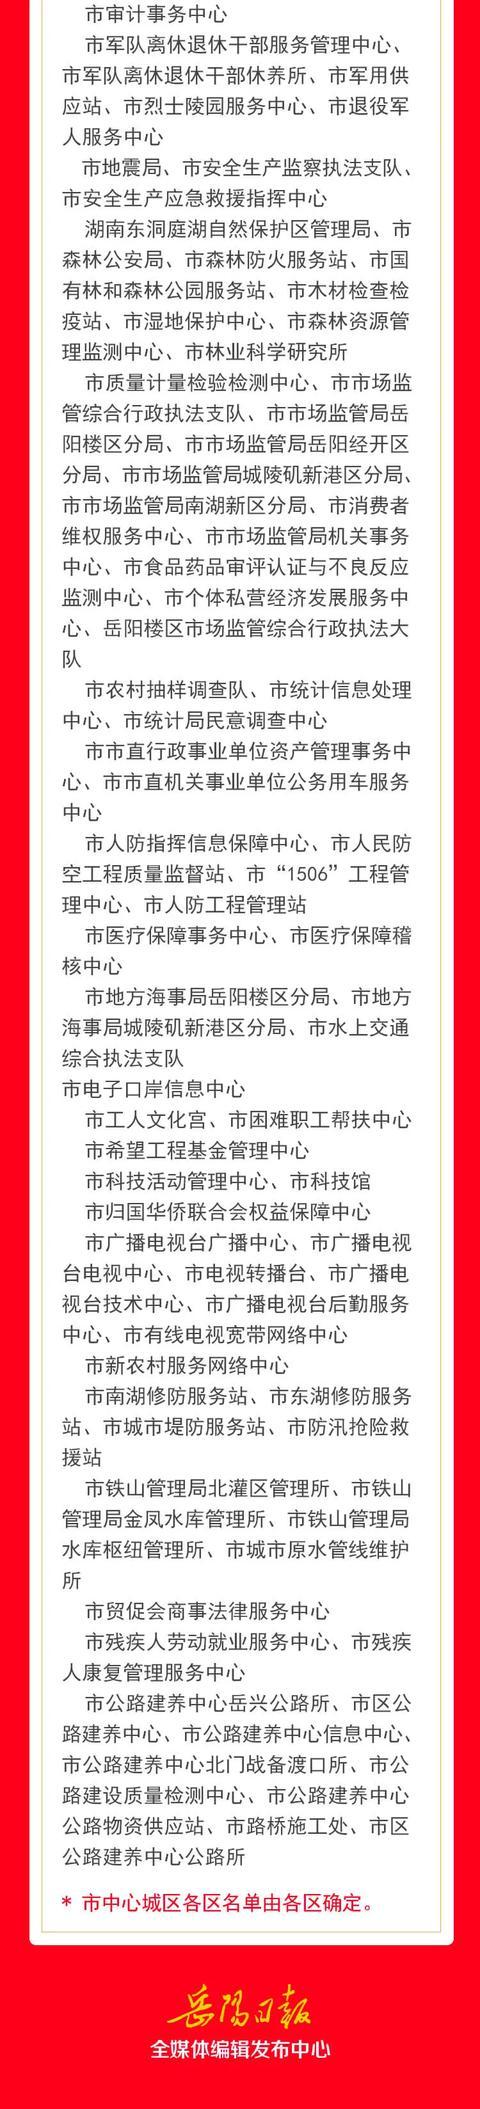 """岳阳中心城区哪些单位试行""""朝九晚五""""?名单来了"""